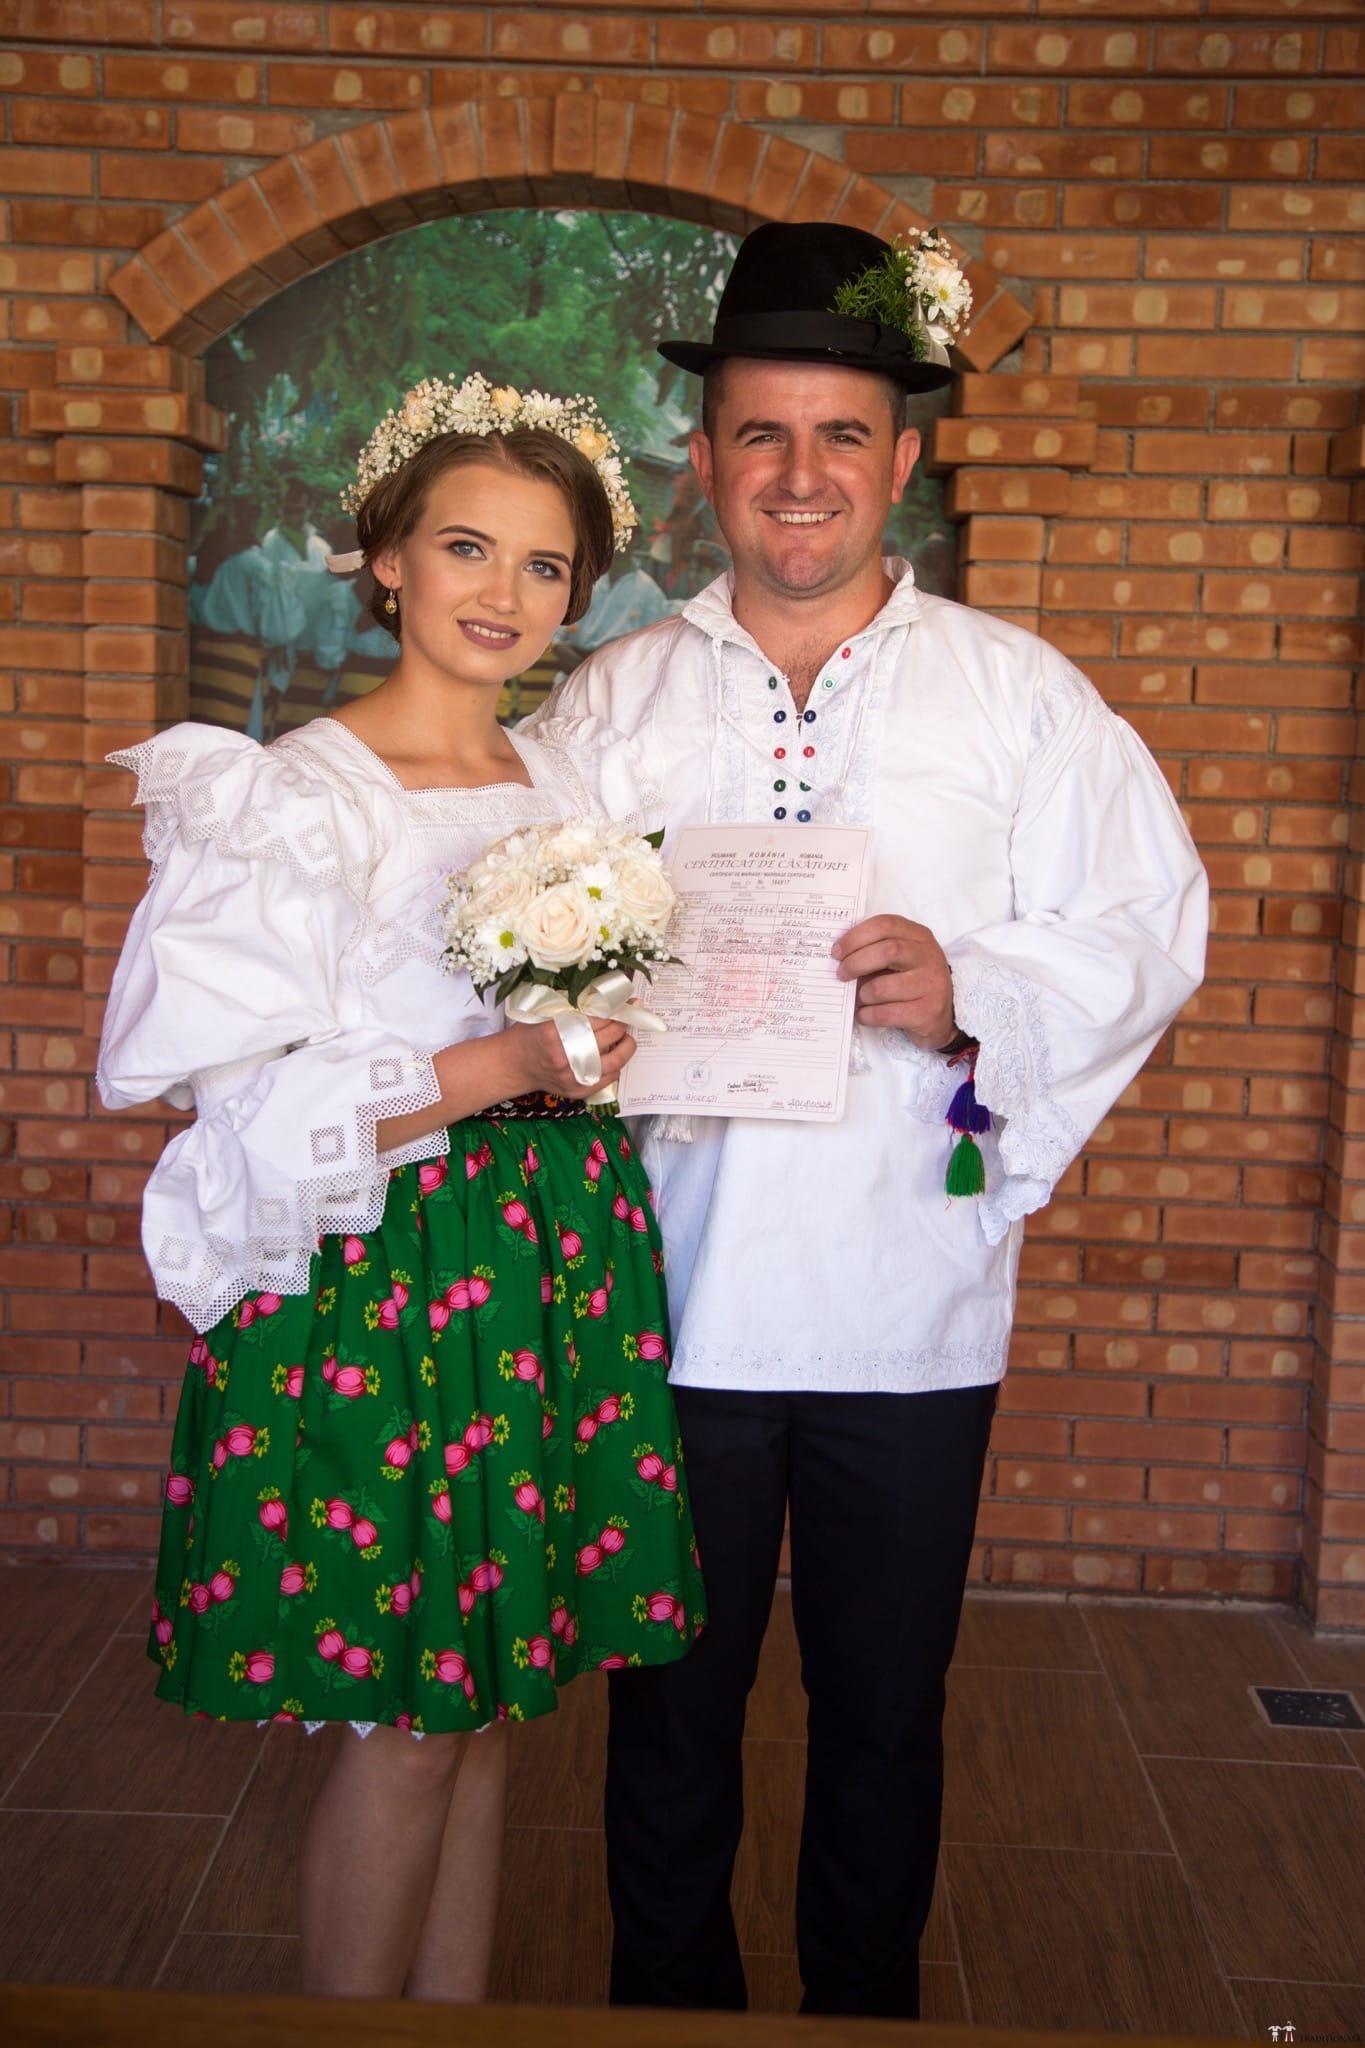 Povești Nunți Tradiționale - Ancuța și Nicu, cununie tradițională în Giulești, Maramureș 25